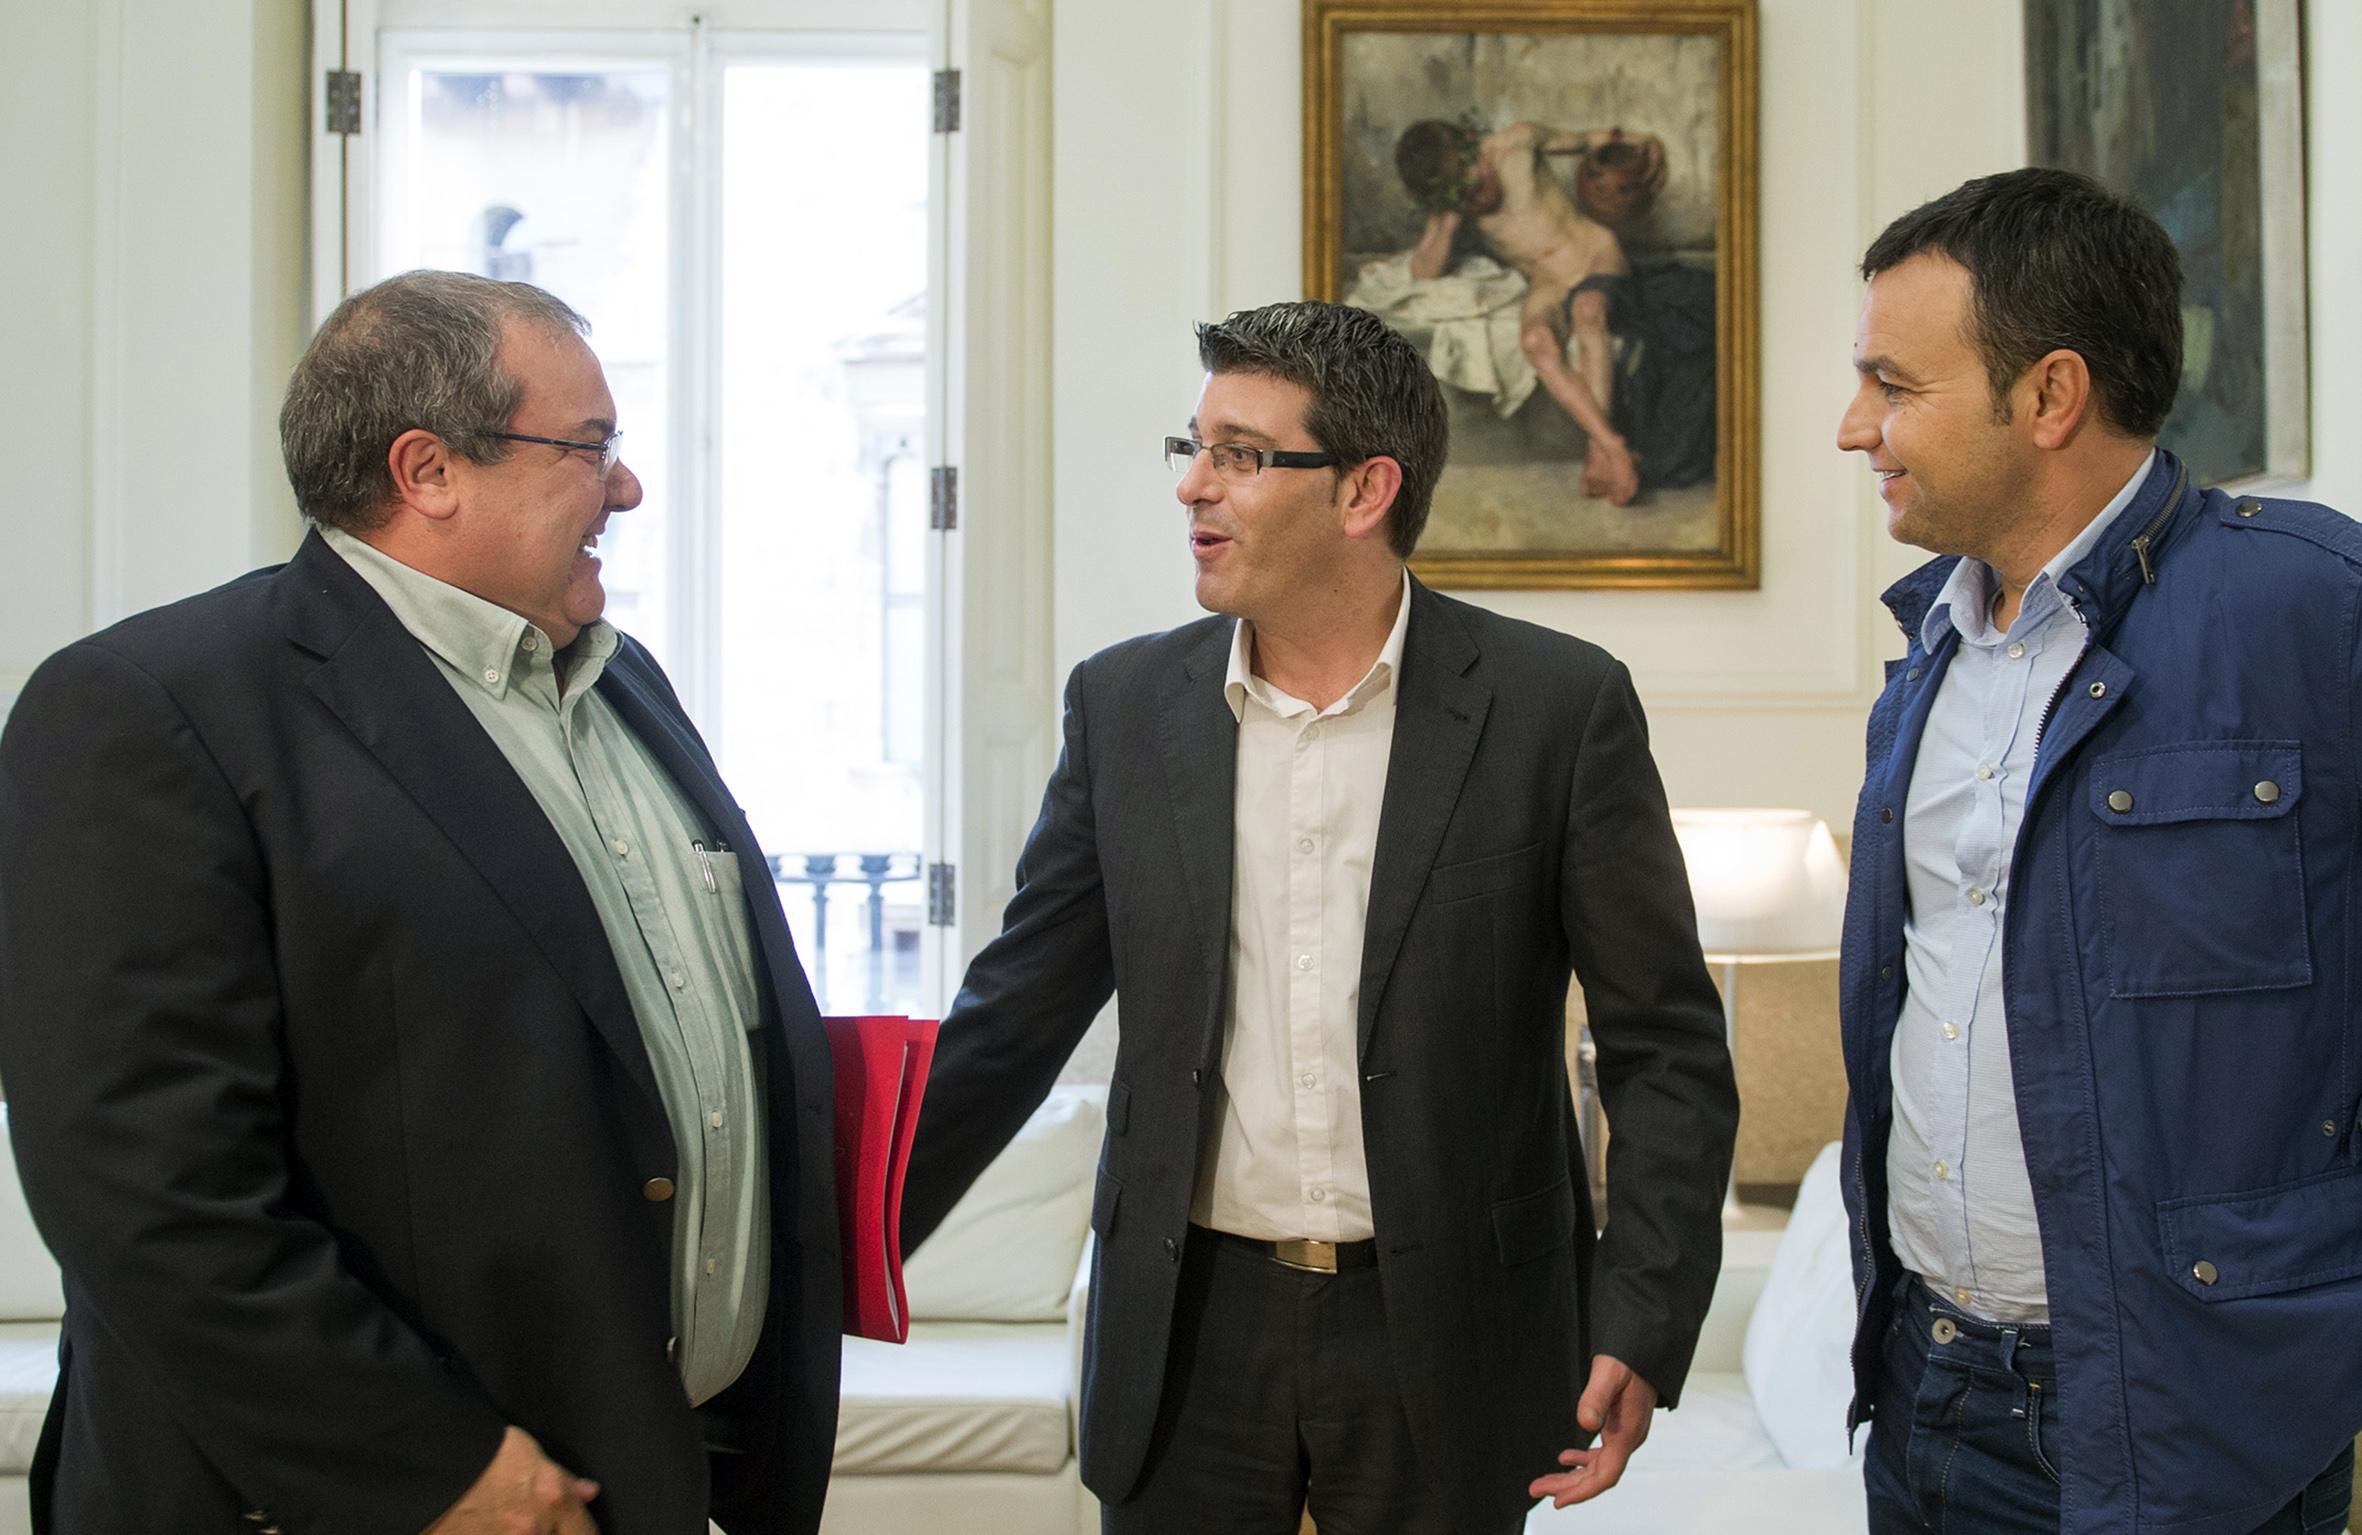 Visita del alcalde de Chera, Alejandro Portero, a la Diputació de València.